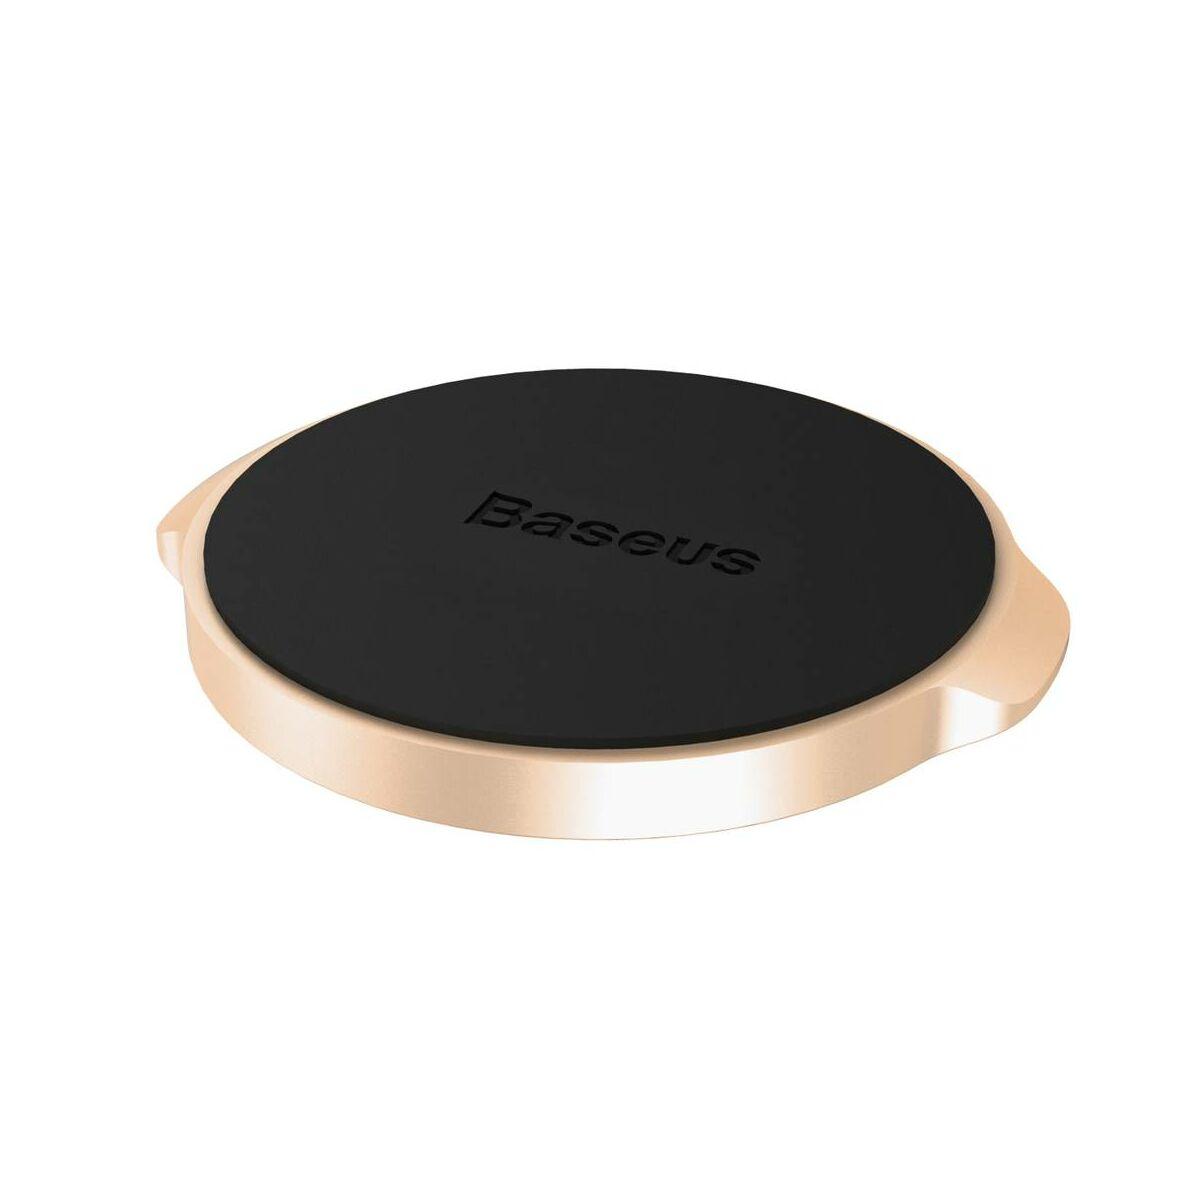 Baseus autós telefontartó, Small Ears series mágneses, sík felületre, arany (SUER-C0V)